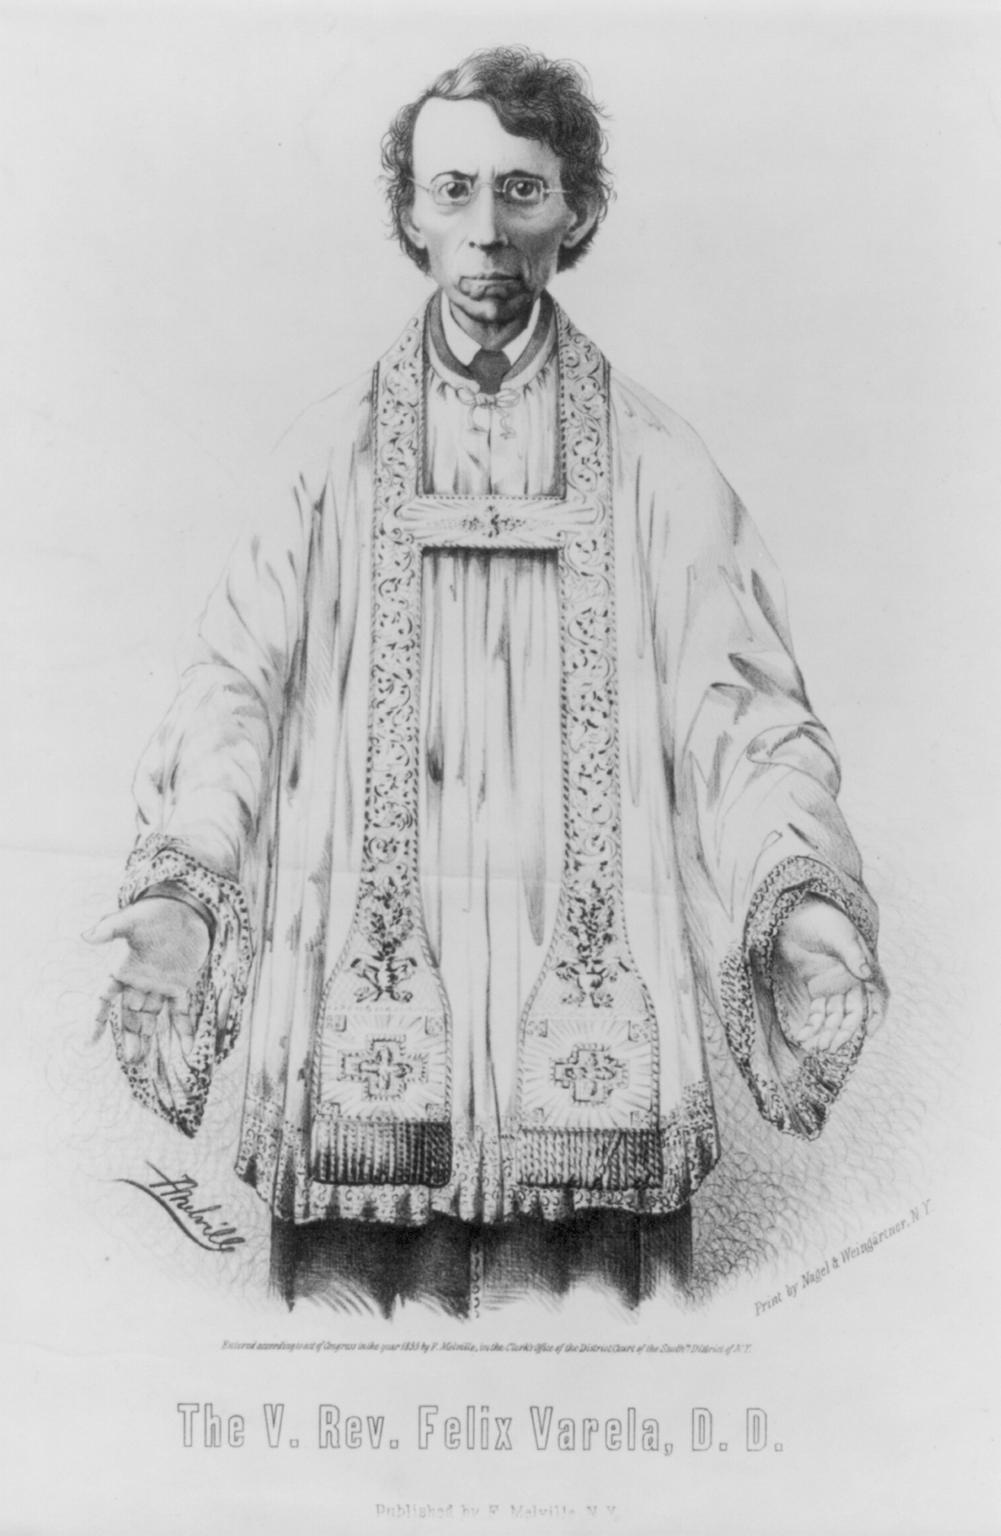 Circa 1853 image of Felix Varela